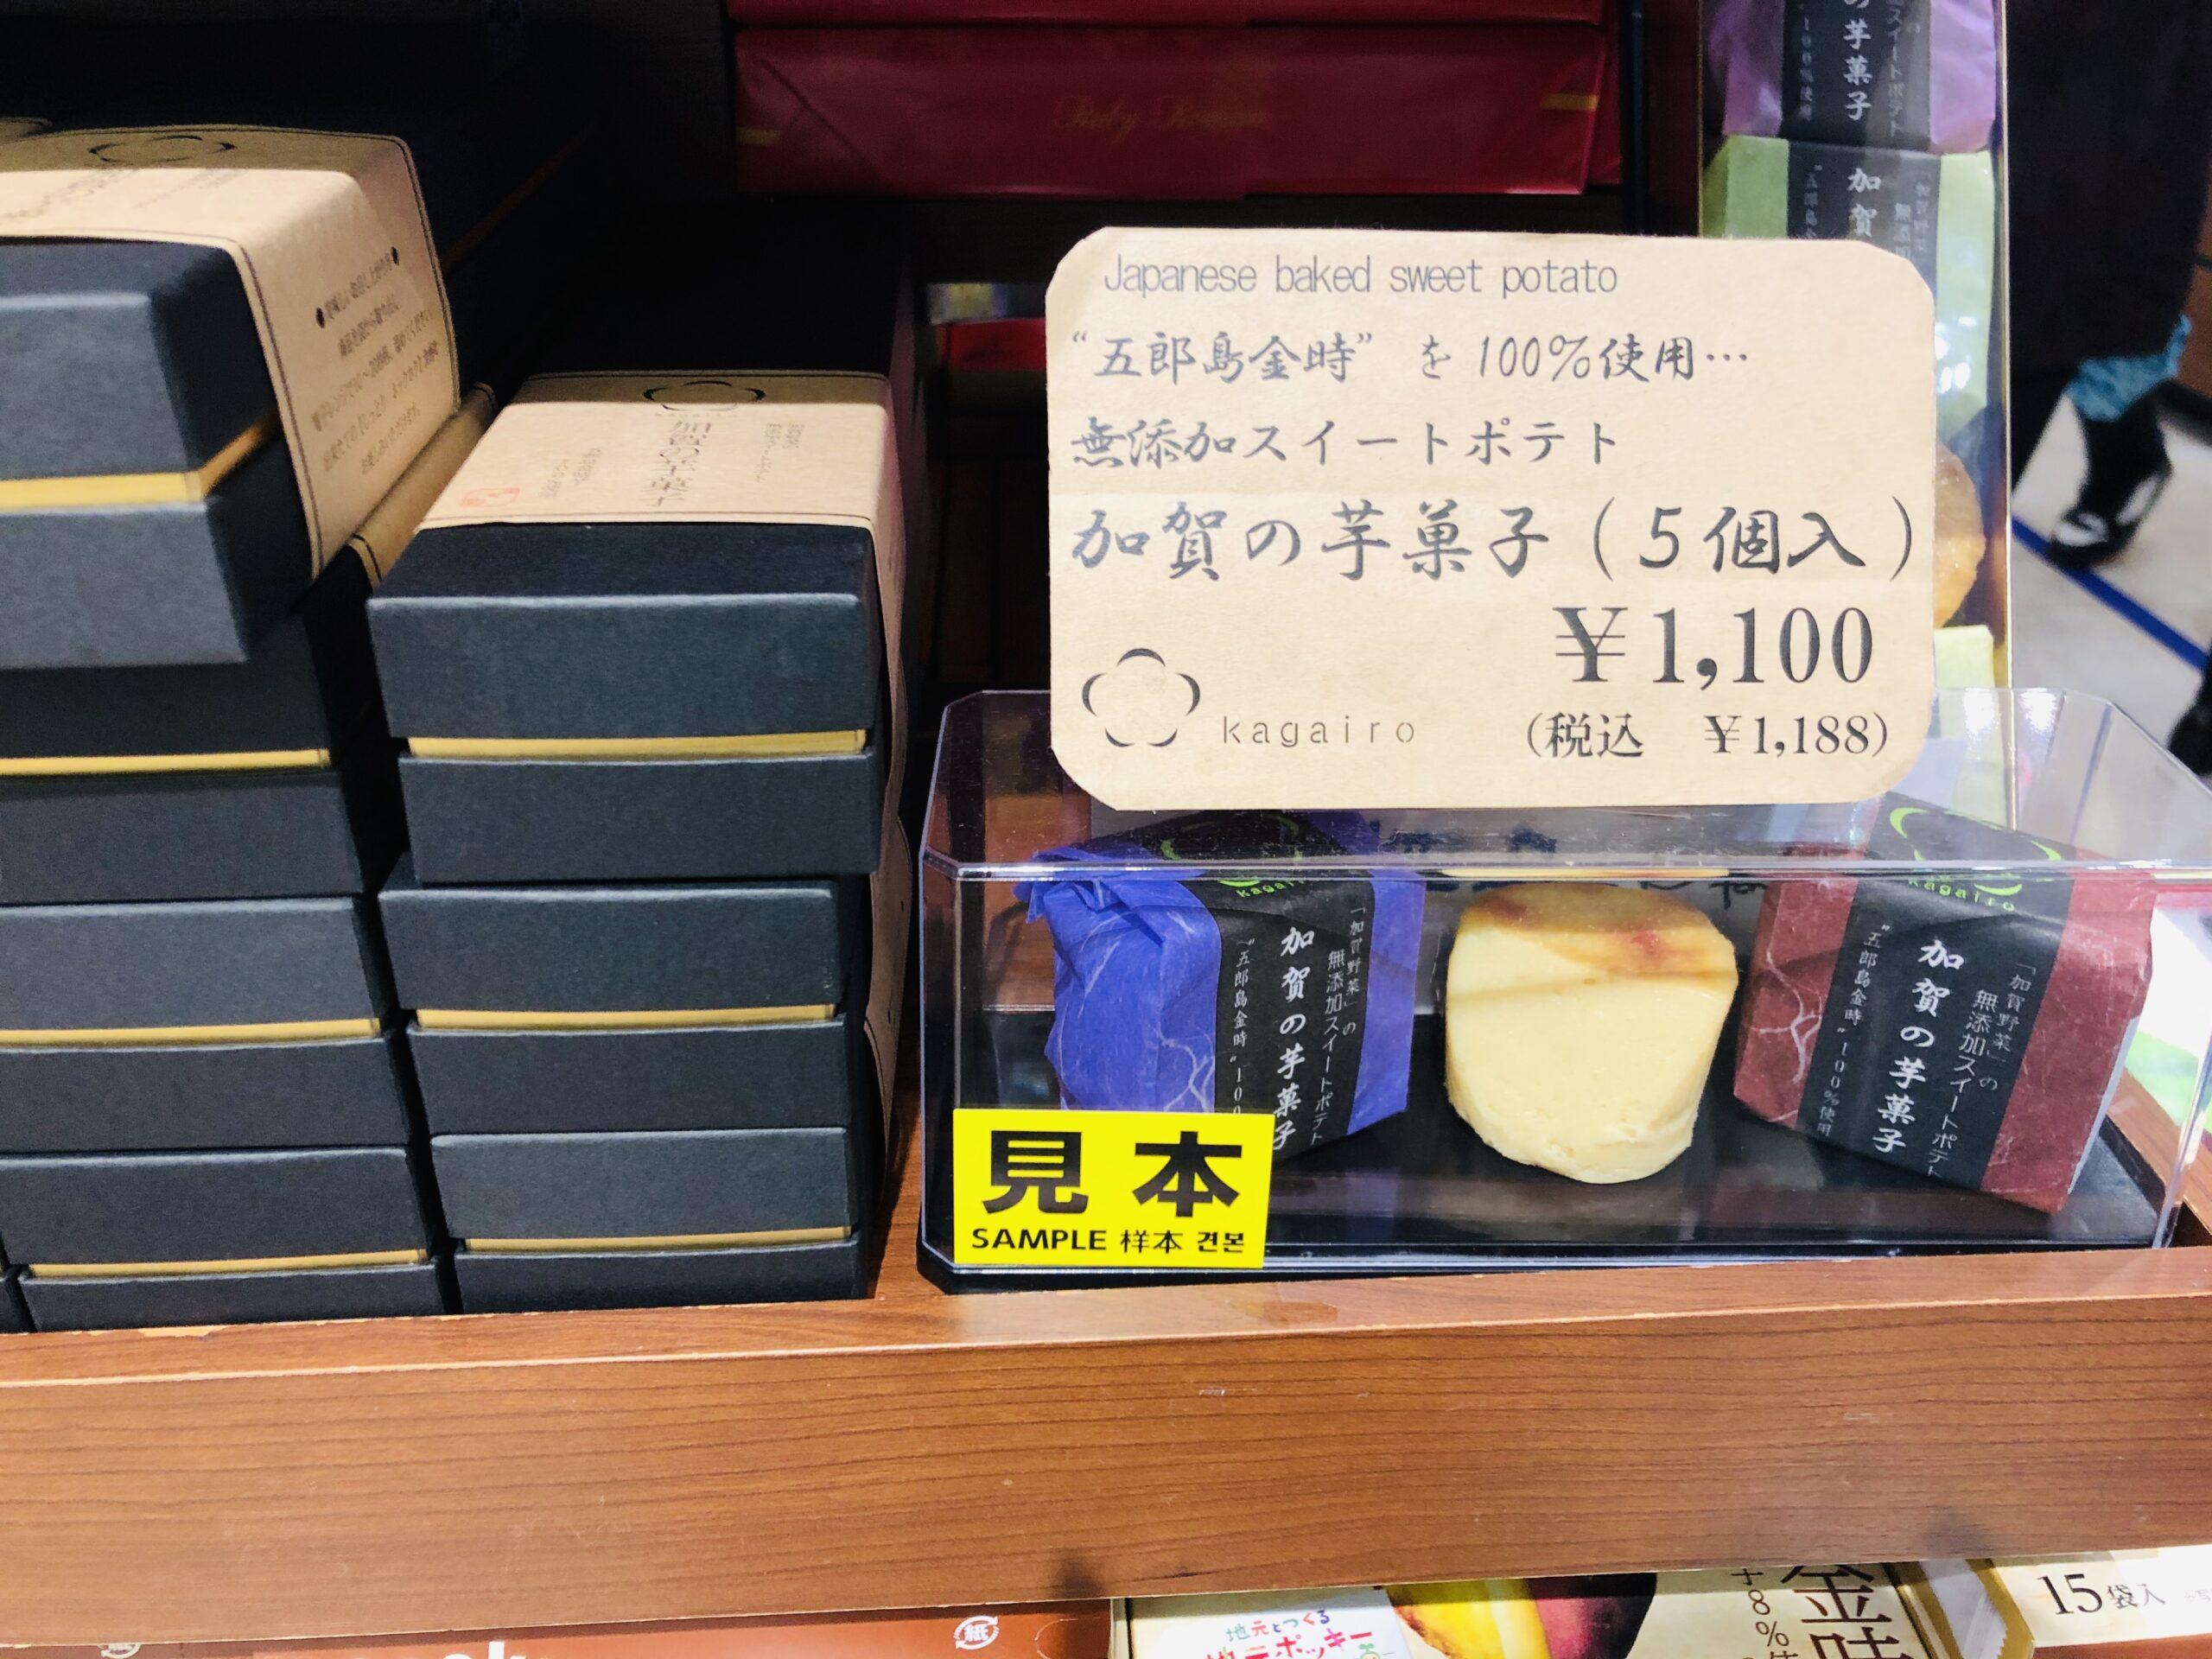 加賀の芋菓子